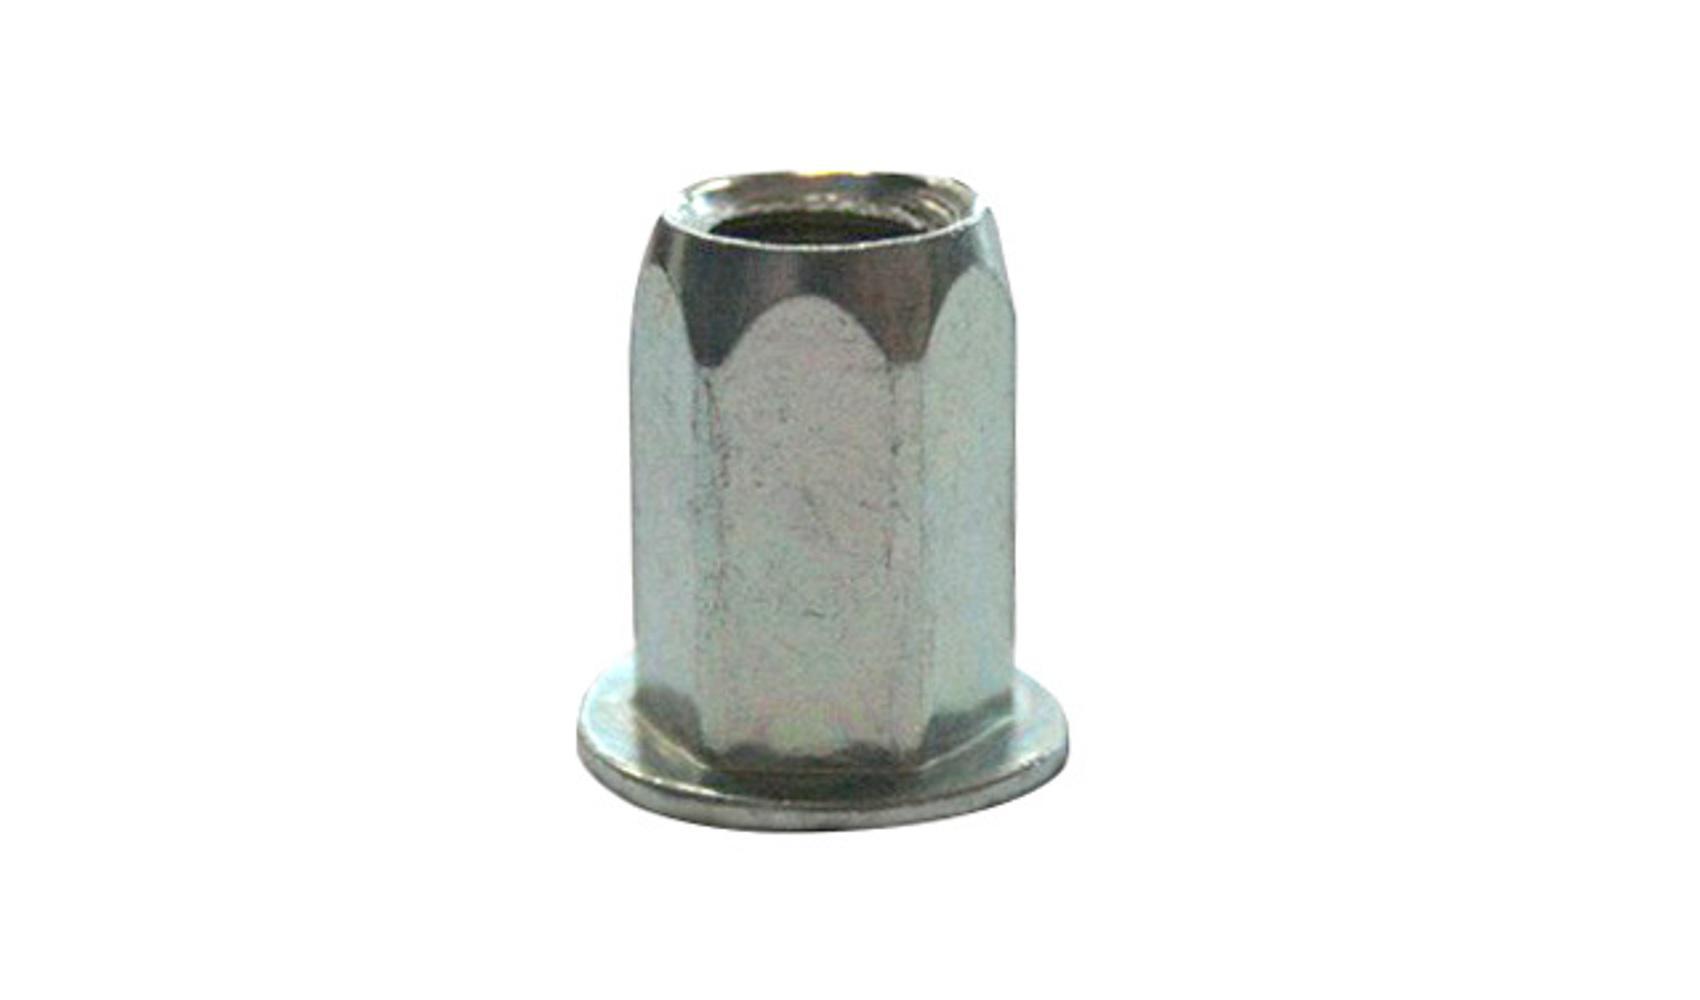 Заклепки резьбовые ЦКИ М5 (59551) 500 шт.